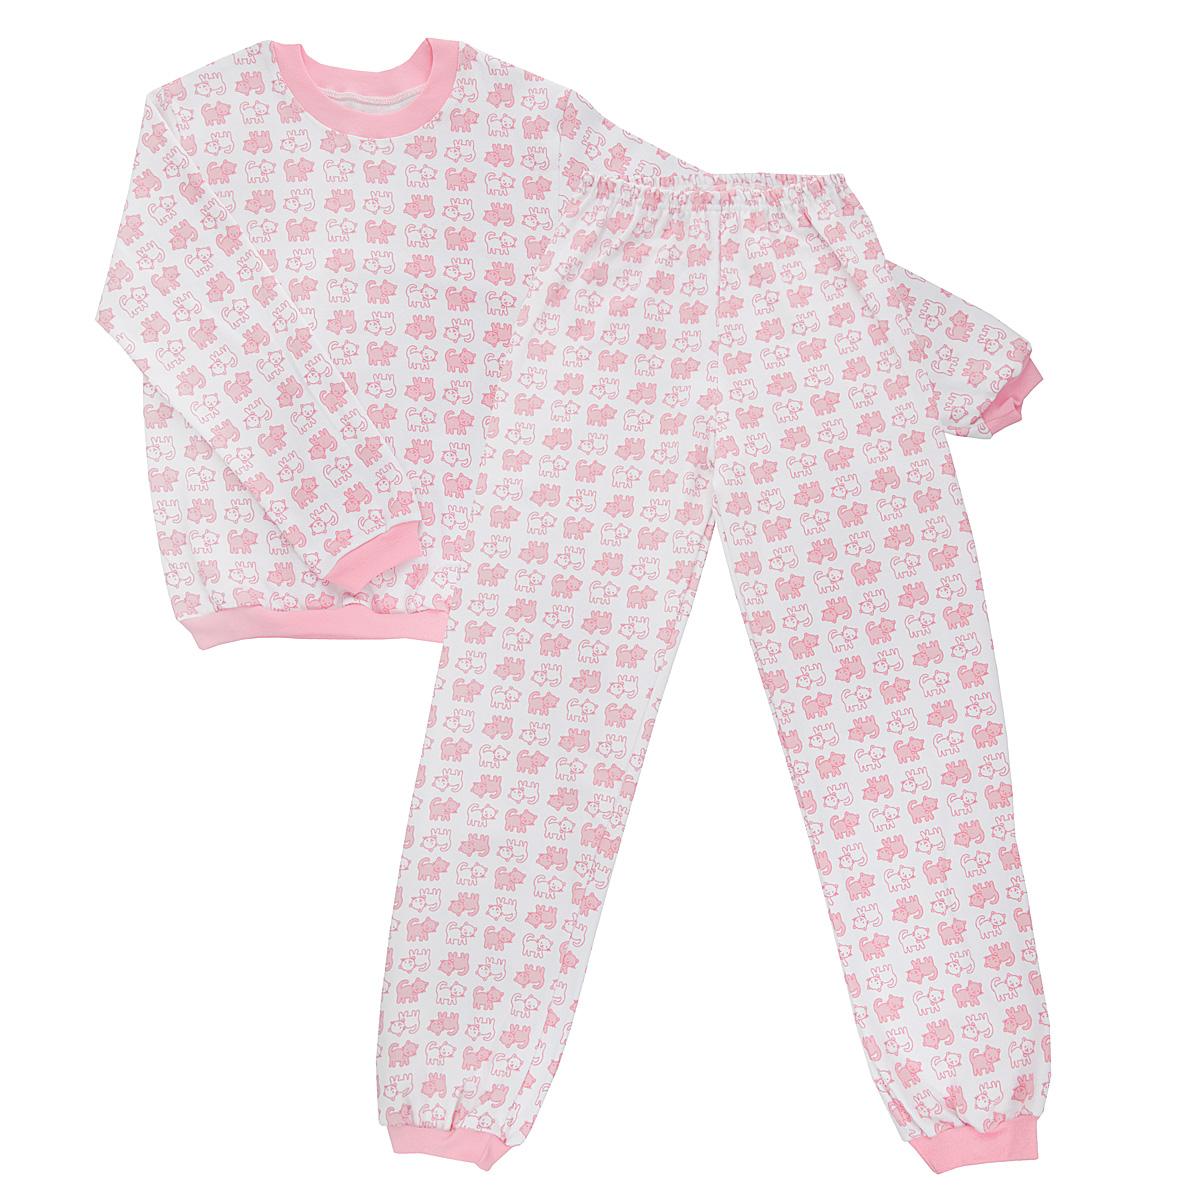 Пижама детская Трон-плюс, цвет: белый, розовый. 5555_котенок. Размер 80/86, 1-2 года5555_котенокУютная детская пижама Трон-плюс, состоящая из джемпера и брюк, идеально подойдет вашему ребенку и станет отличным дополнением к детскому гардеробу. Изготовленная из интерлока, она необычайно мягкая и легкая, не сковывает движения, позволяет коже дышать и не раздражает даже самую нежную и чувствительную кожу ребенка. Трикотажный джемпер с длинными рукавами имеет круглый вырез горловины. Низ изделия, рукава и вырез горловины дополнены эластичной трикотажной резинкой контрастного цвета.Брюки на талии имеют эластичную резинку, благодаря чему не сдавливают живот ребенка и не сползают. Низ брючин дополнен широкими эластичными манжетами контрастного цвета.Оформлено изделие оригинальным принтом с изображением котят. В такой пижаме ваш ребенок будет чувствовать себя комфортно и уютно во время сна.